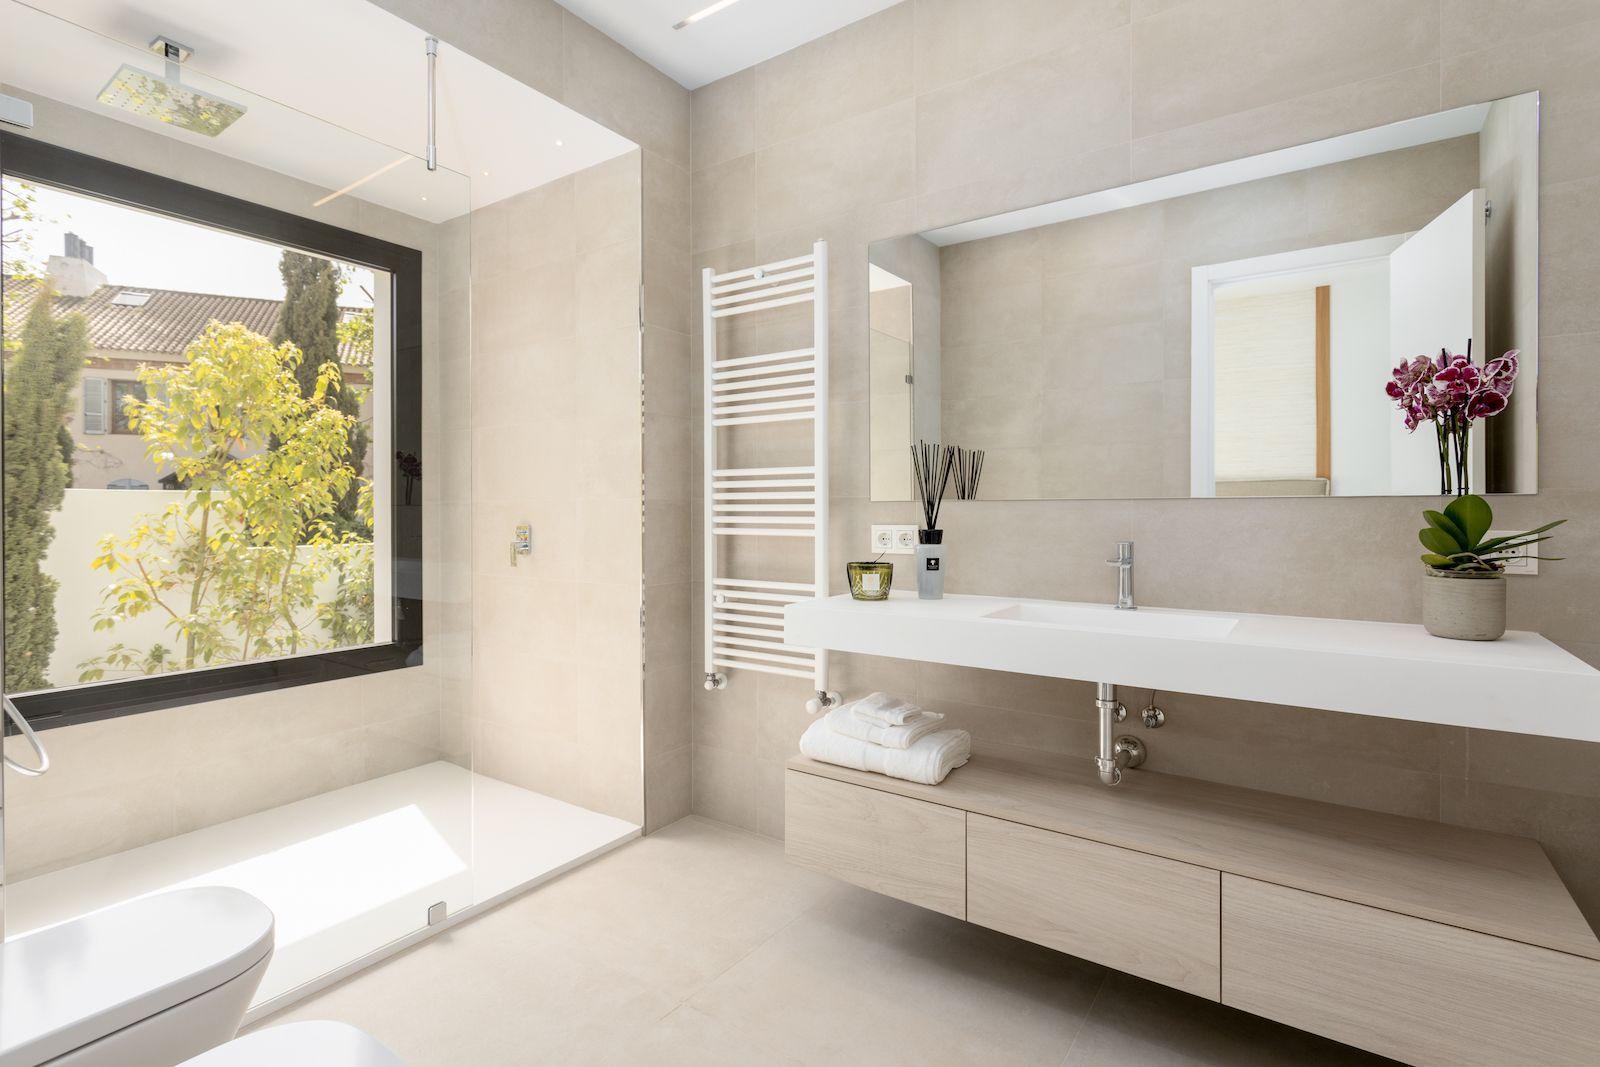 Villa en venta en Marbella zona San Pedro de Alcántara